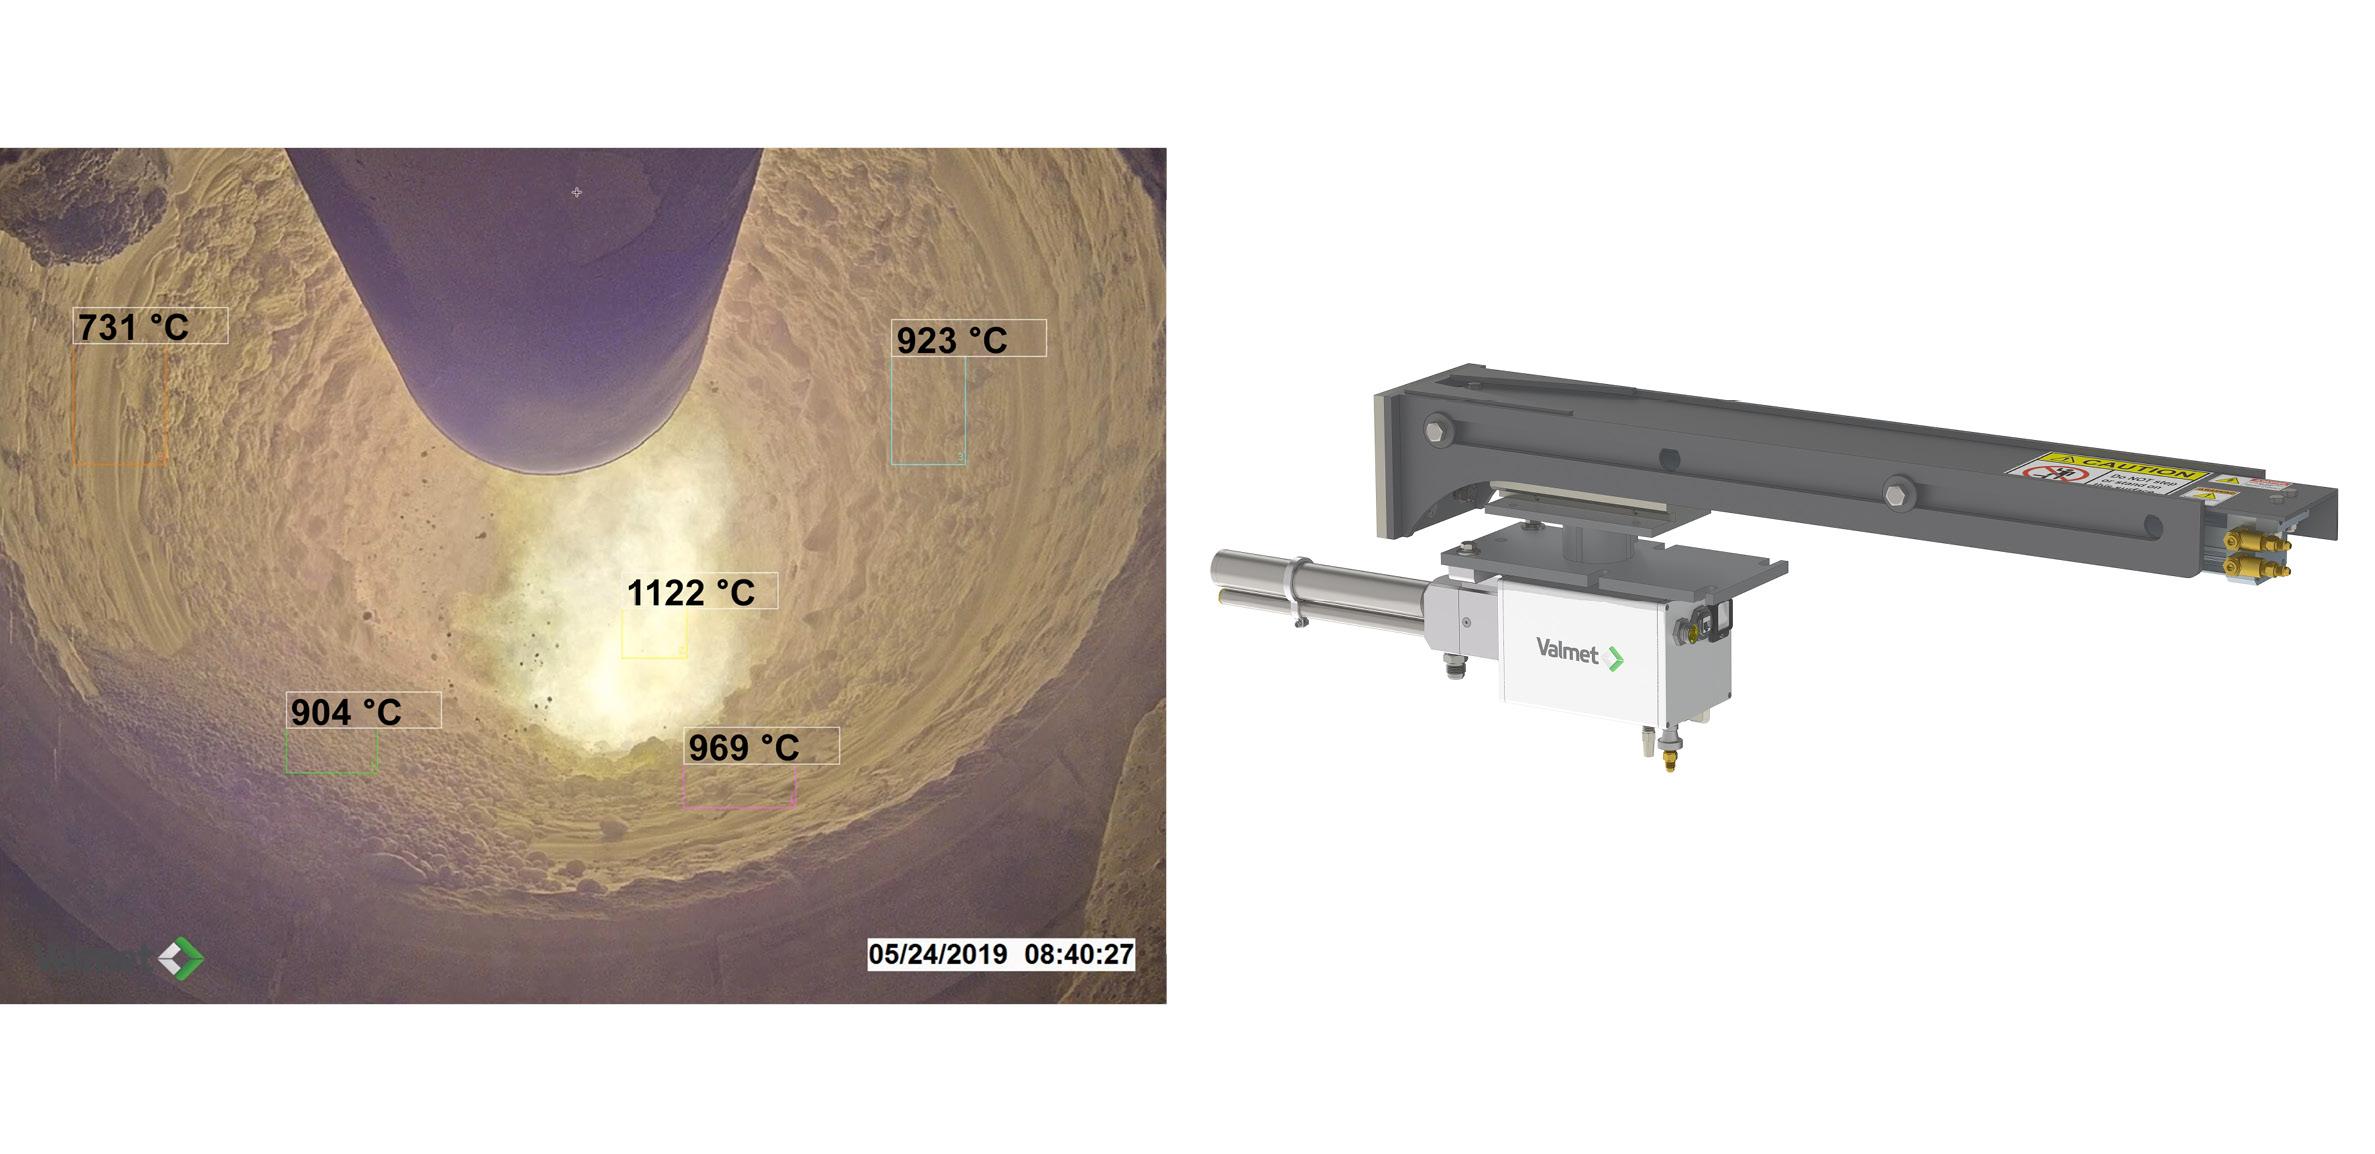 Esimerkki Valmet Visible Thermal Imaging System -kamerajärjestelmän ulostulosta